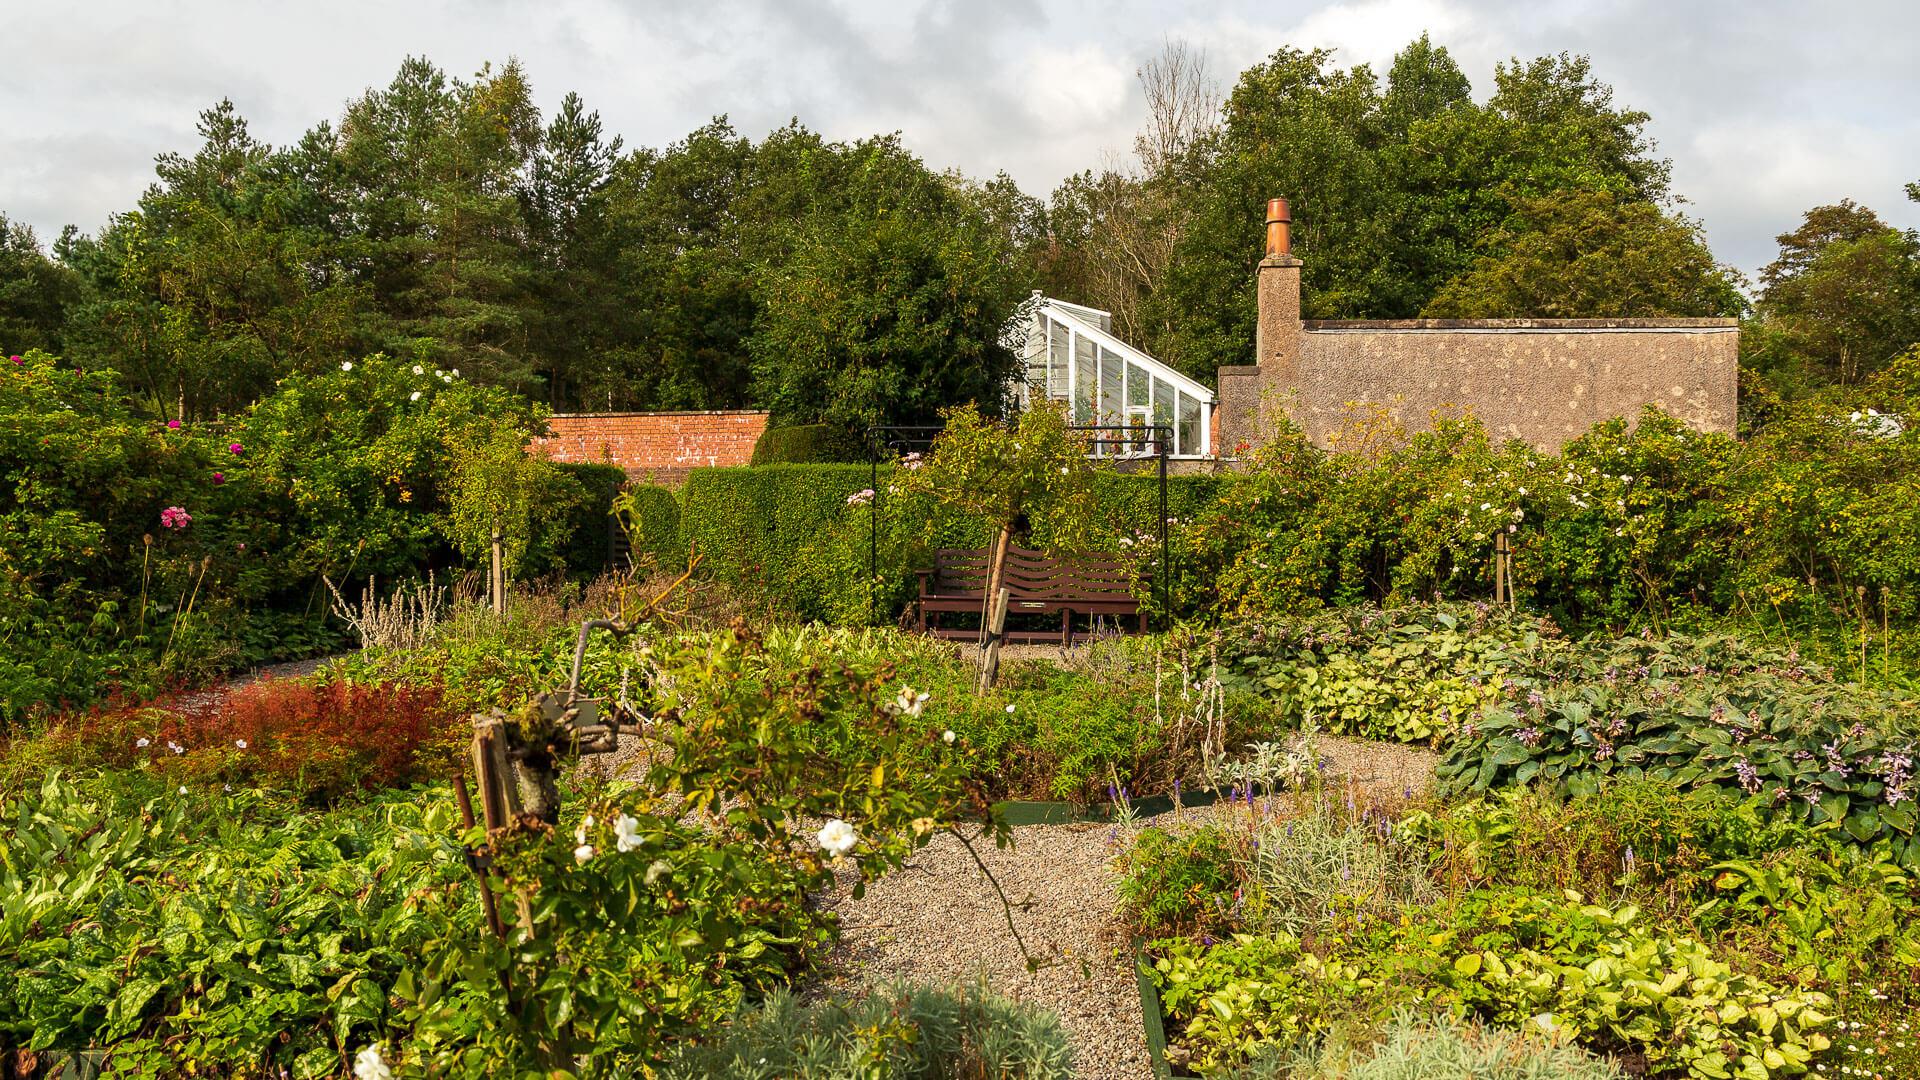 Blick in den Garten des Hill House